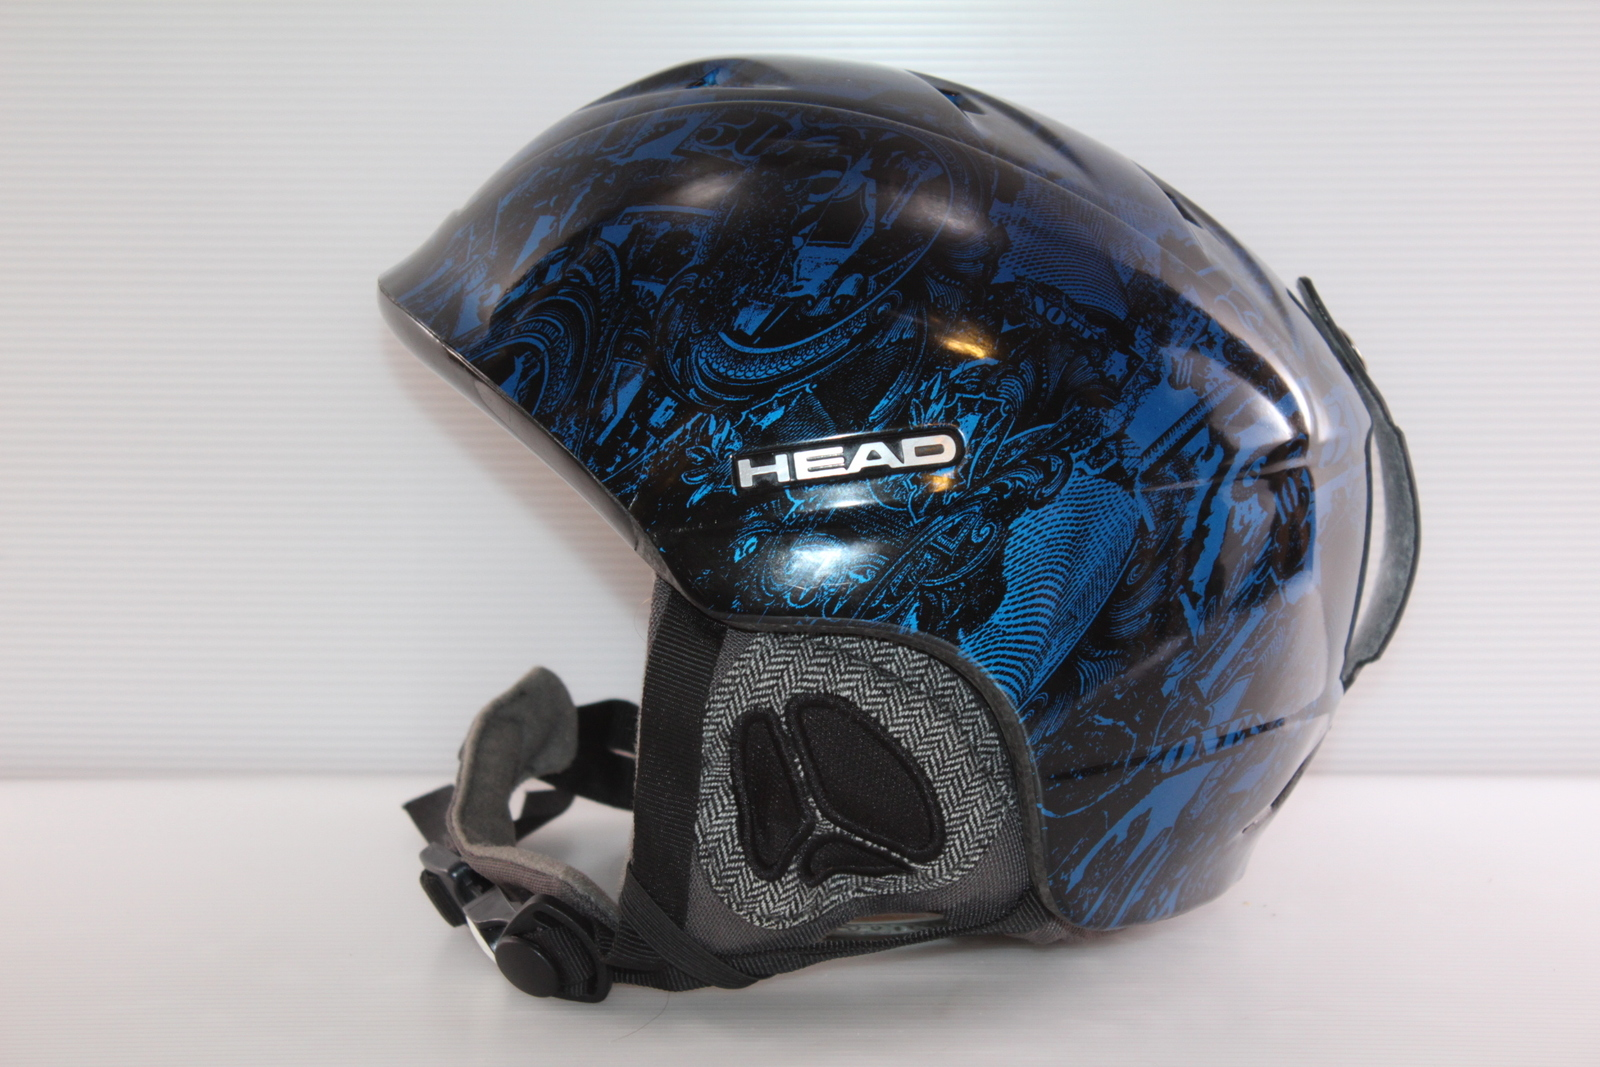 Dámská lyžařská helma Head Rebel vel. 60